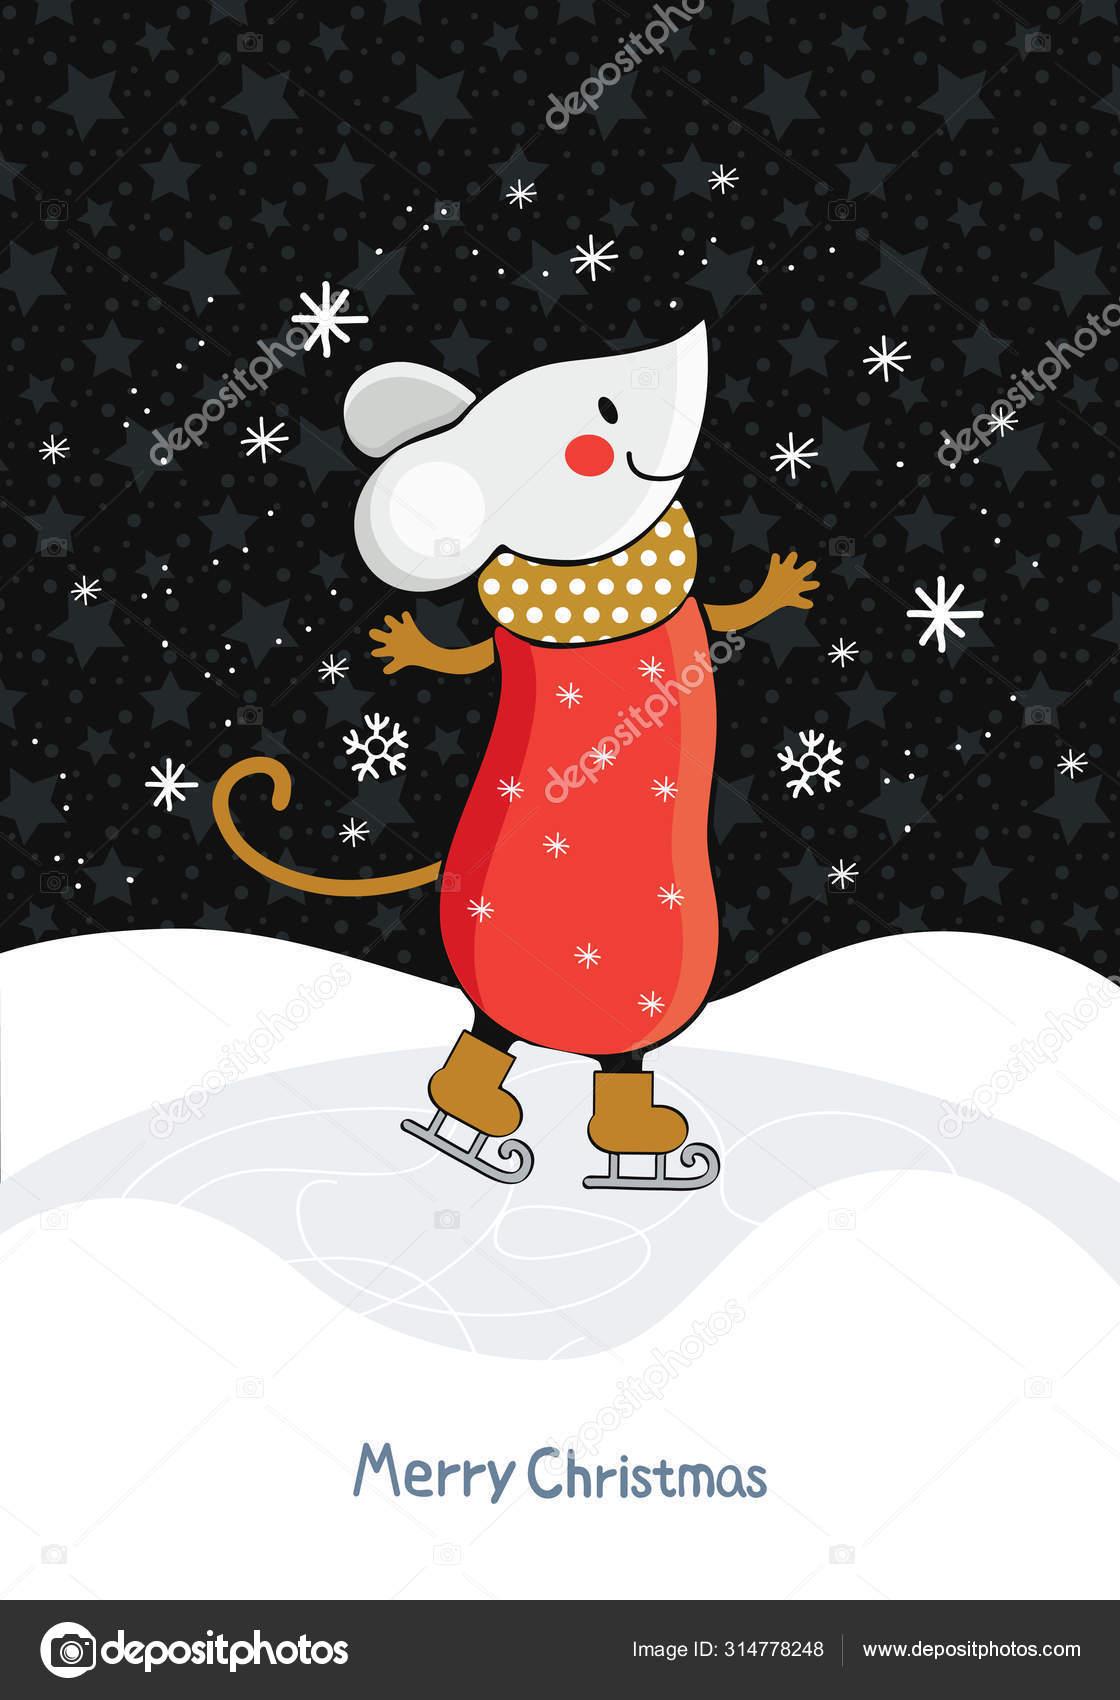 Kerst Of Nieuwjaarskaart In Vector Cartoon Muis Schaatsen Op Ijs Tussen De Sneeuw Drijft Op Een Achtergrond Van De Sterrenhemel Leuke Muizen Die Bezig Zijn Met Wintersport Kunstschaatsen Stockvector C Catrin1309 314778248